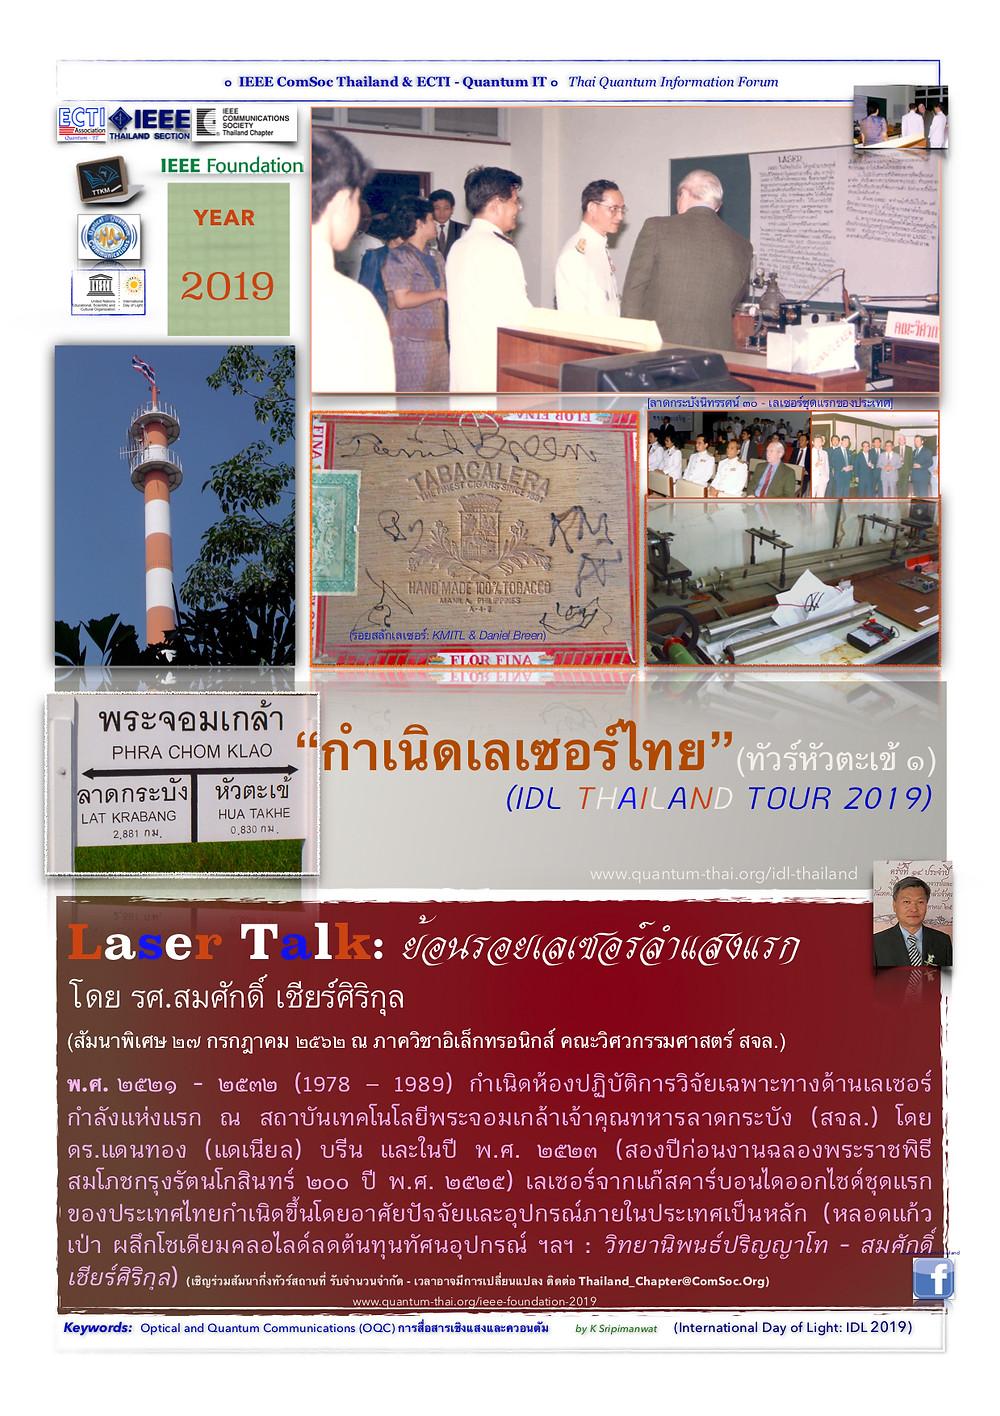 สิงหาคมนี้ (จำนวนจำกัด) ติดต่อ Thailand_Chapter@ComSoc.Org